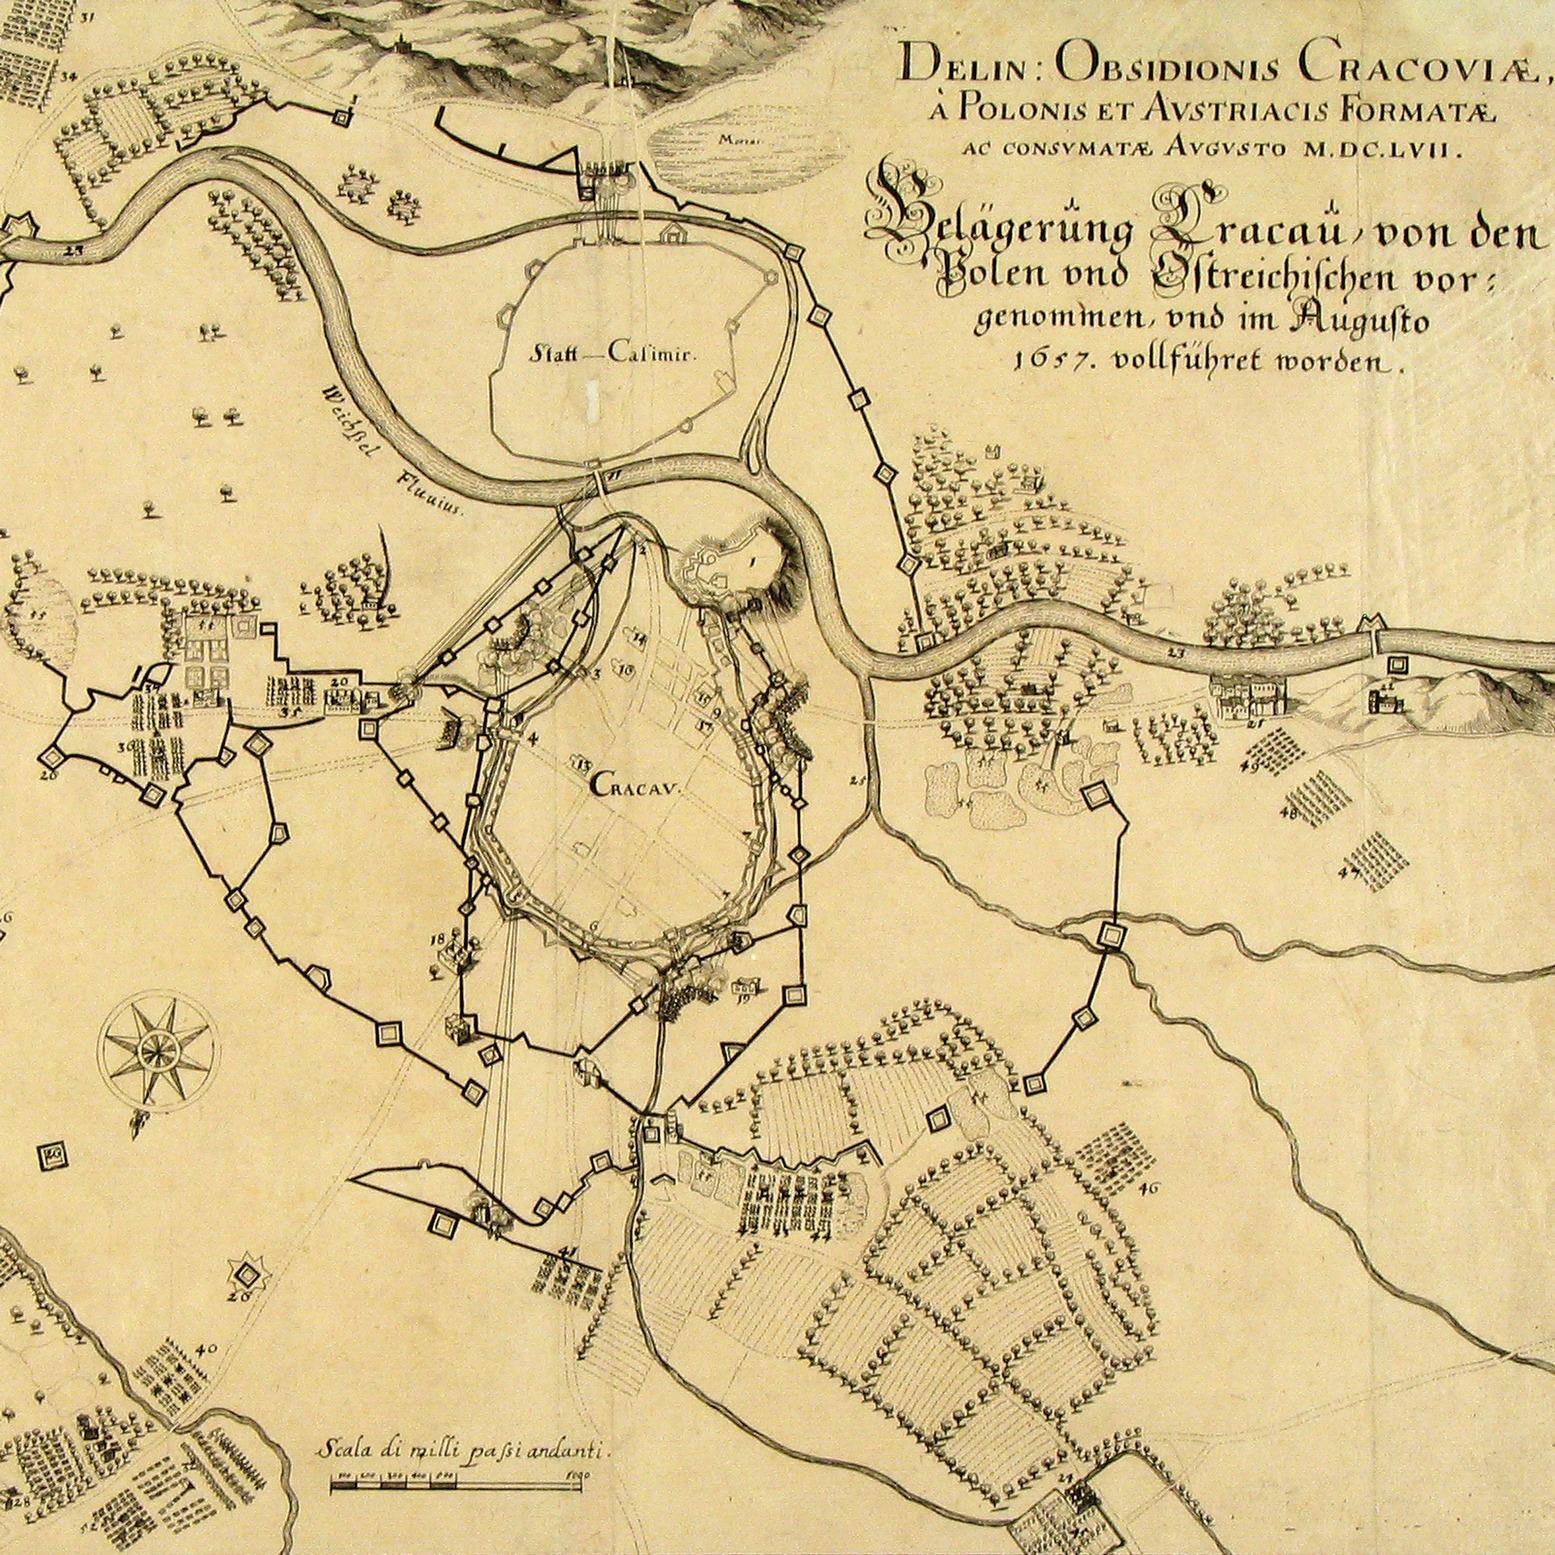 Plan krakowskich umocnień w 1657 roku, autorstwa Izydora Affaita.